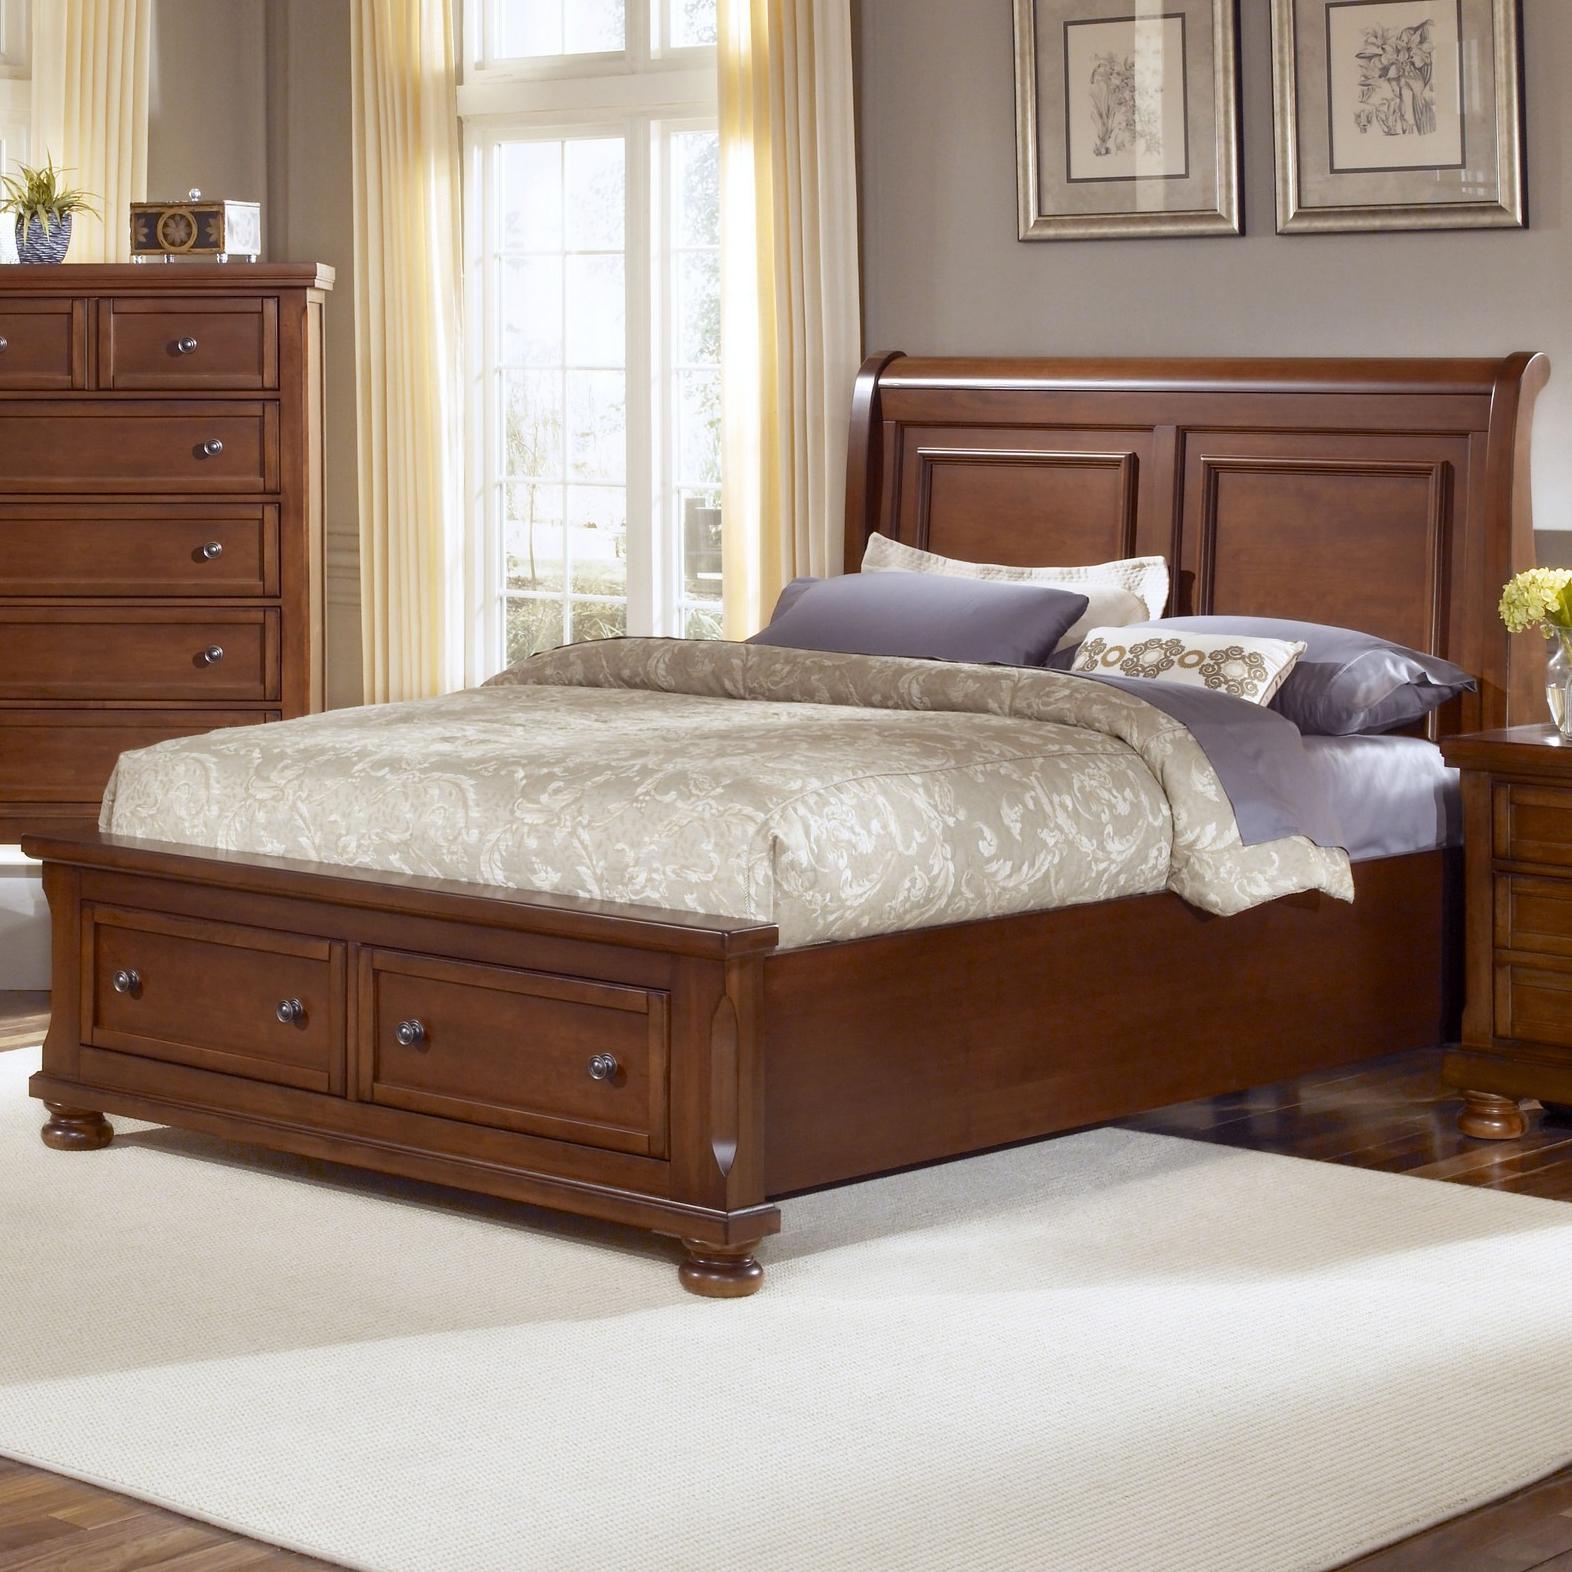 Vaughan Bassett Reflections Queen Storage Bed With Sleigh Headboard Belfort Furniture